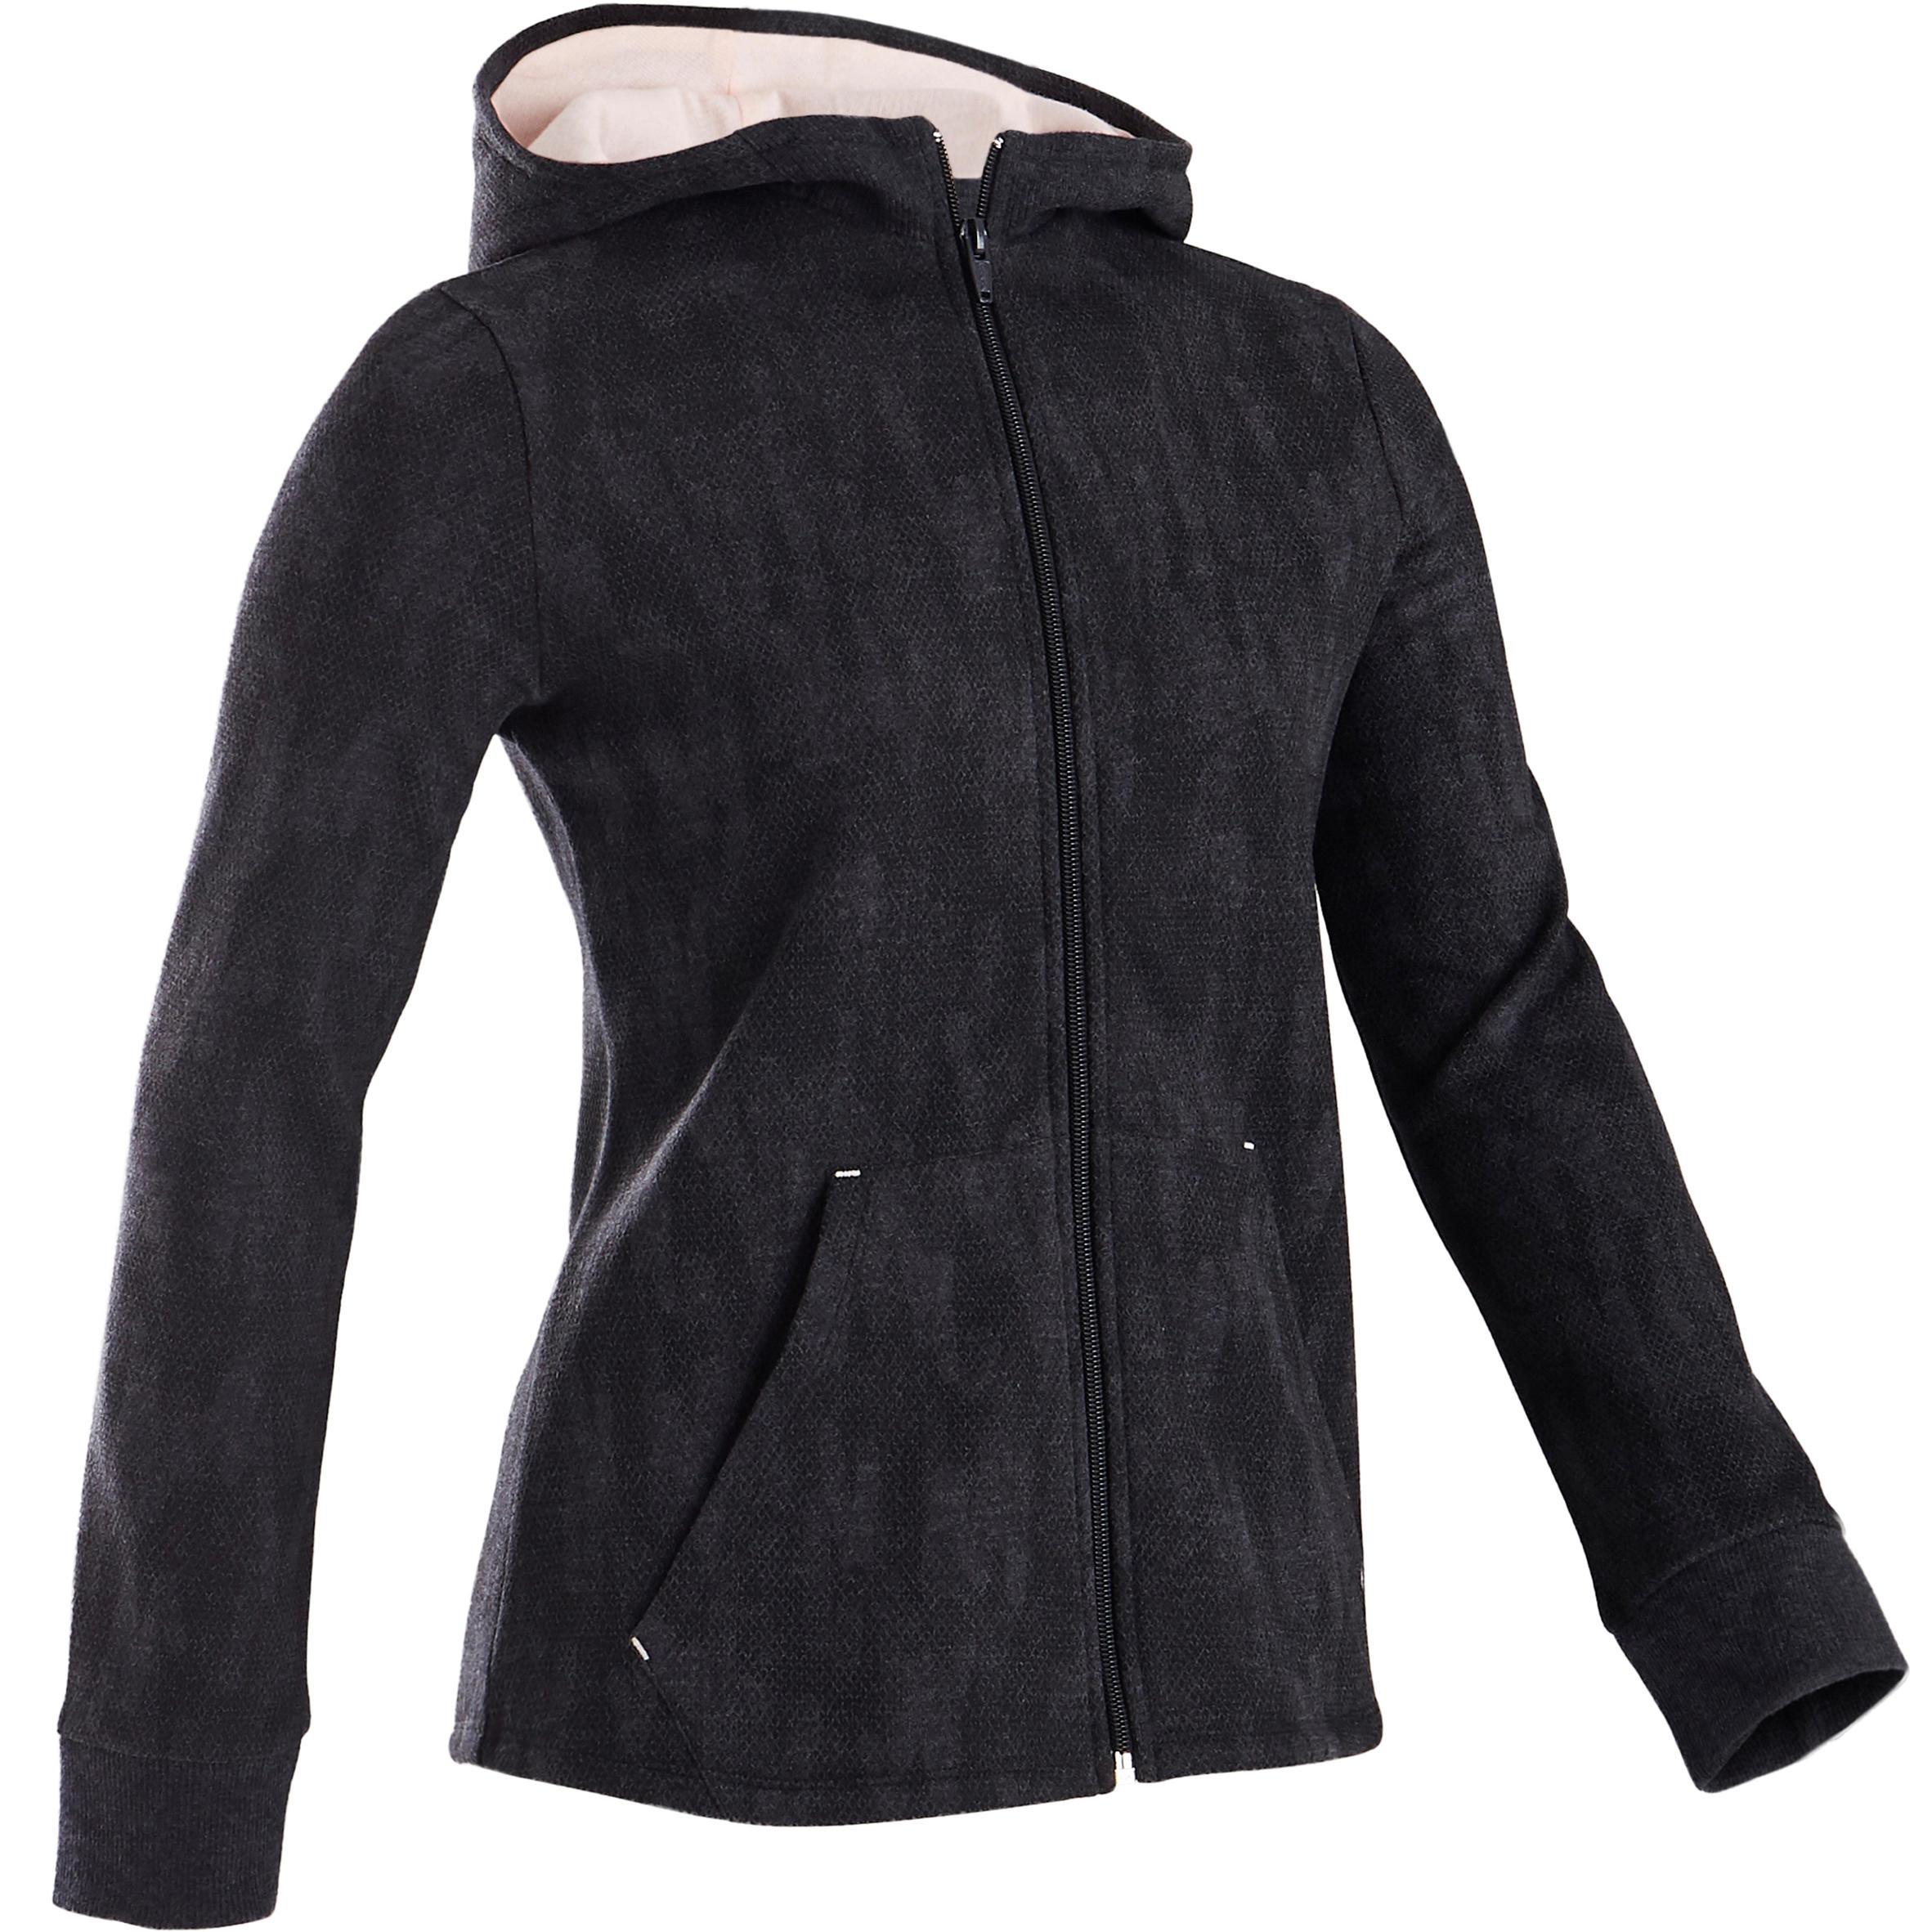 Domyos Veste capuche chaude 100 fille GYM ENFANT gris imprimé noir, capuche rose - Domyos